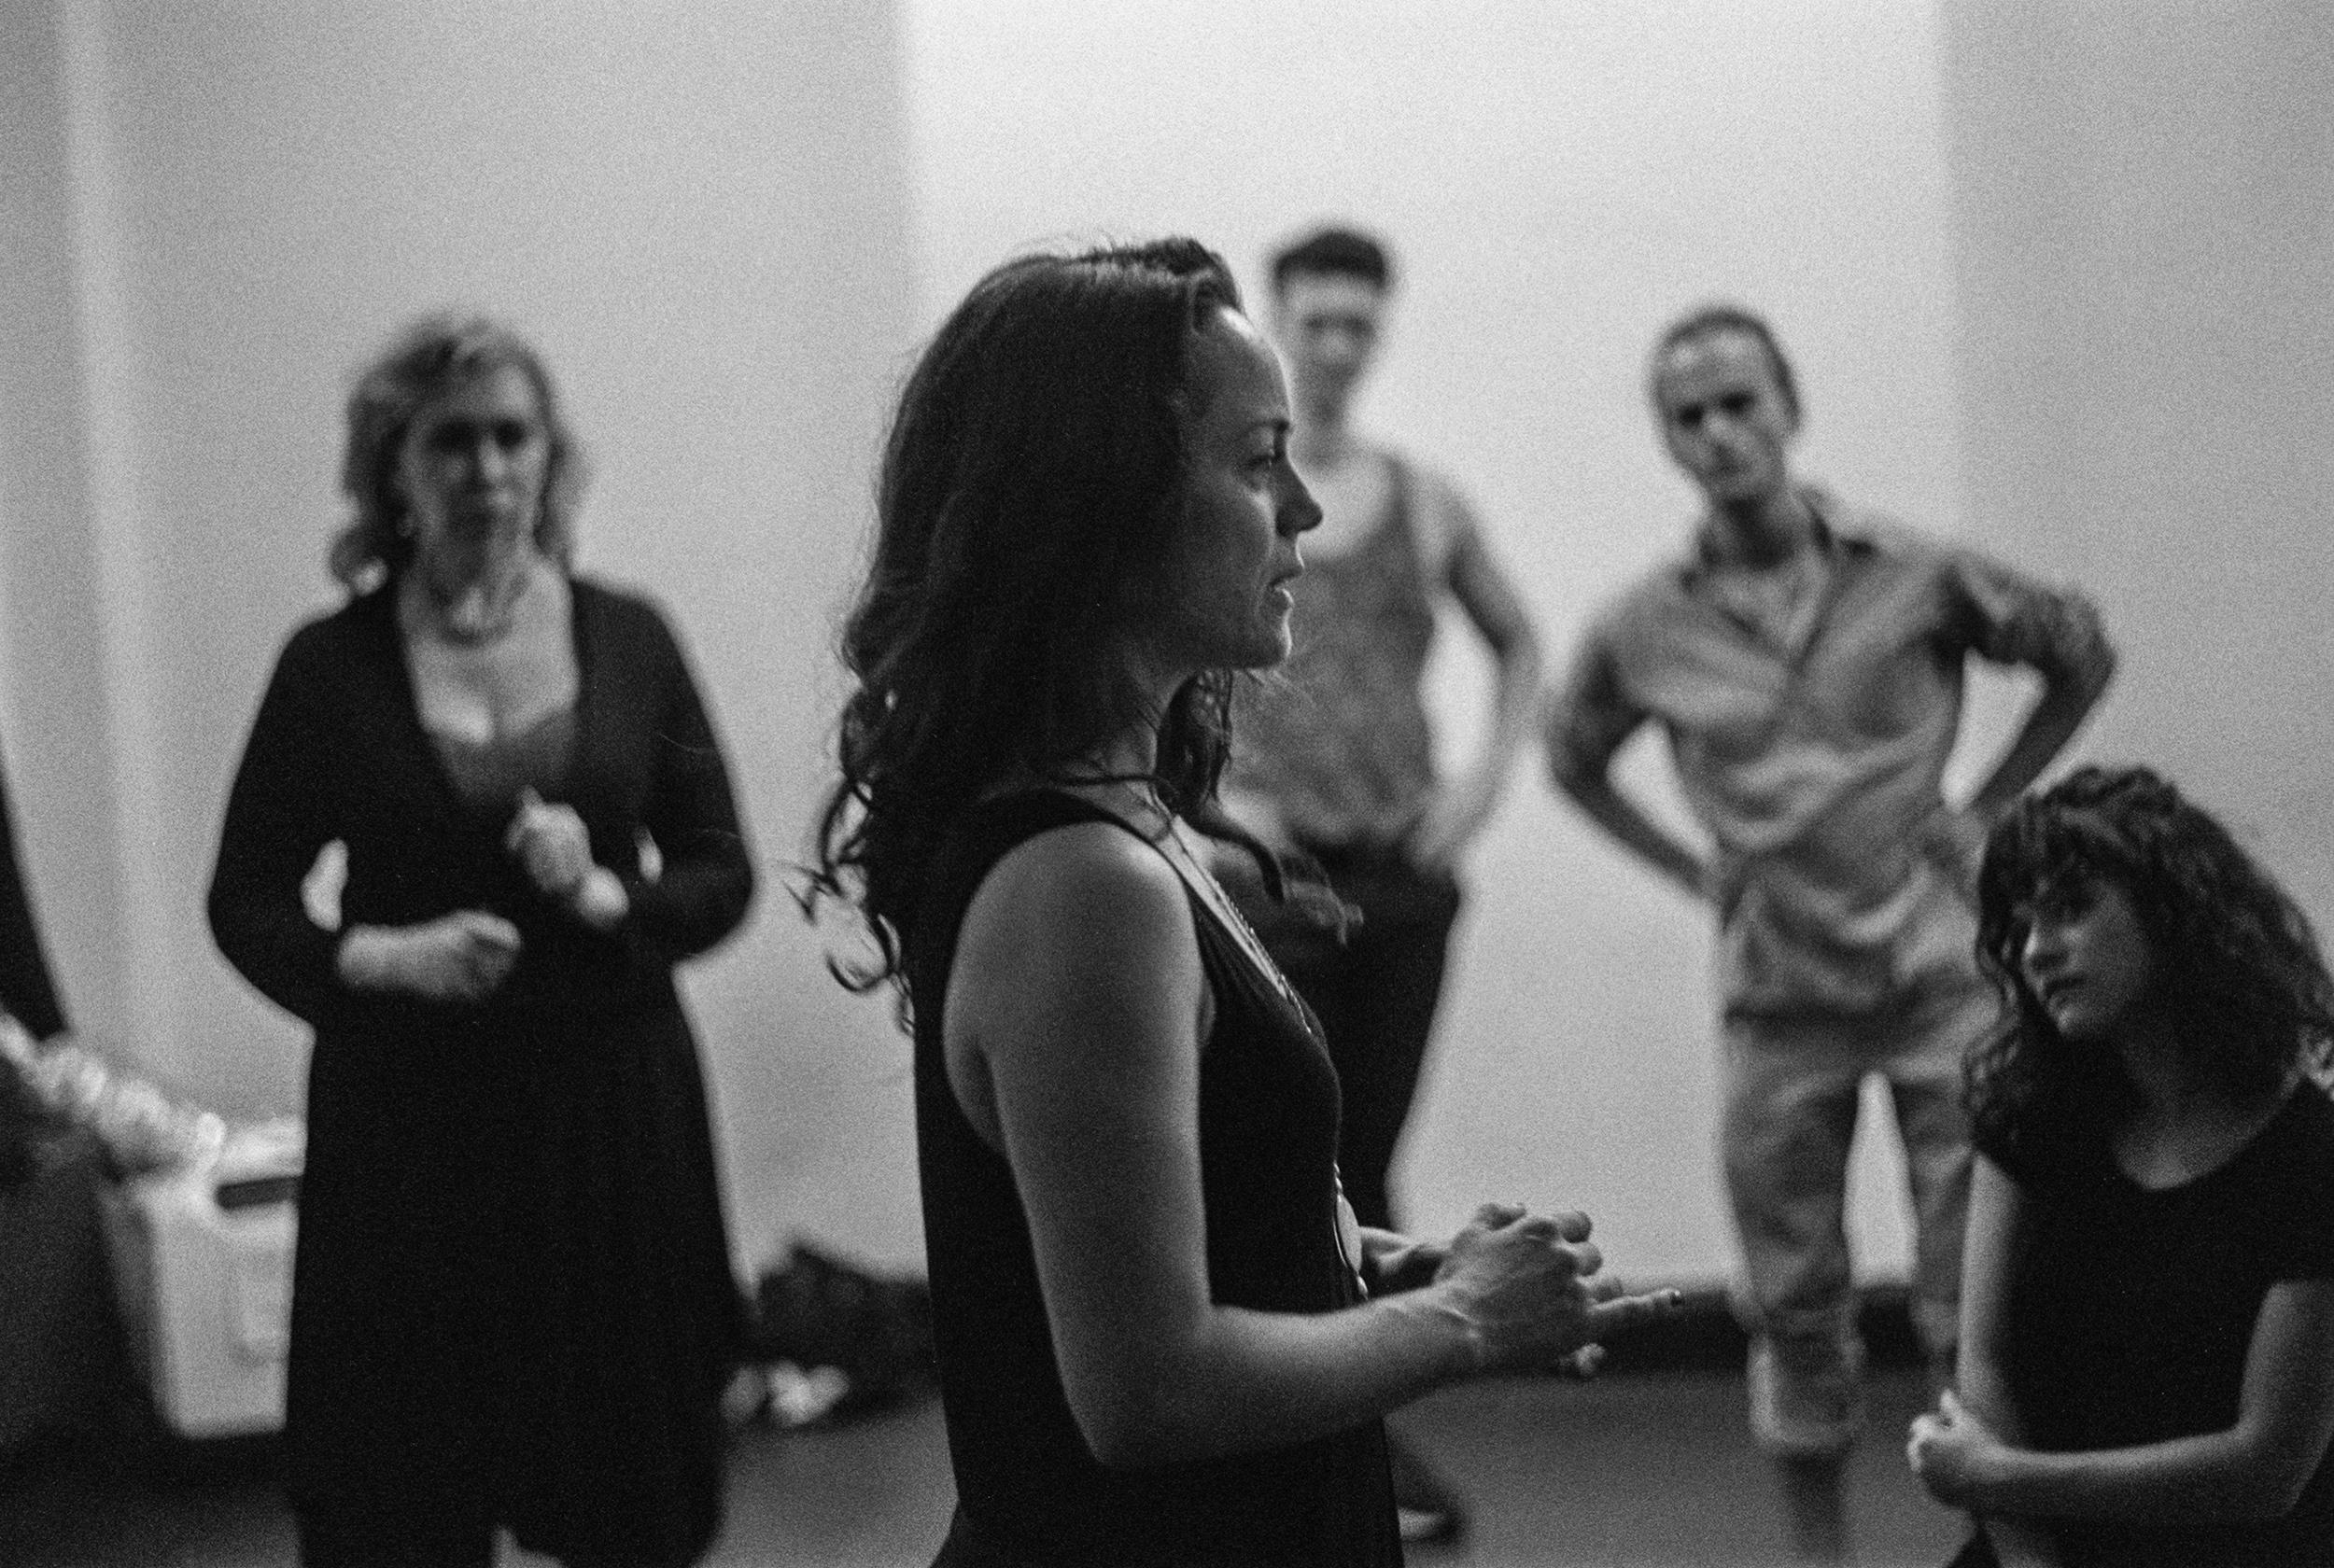 Allison Plamondon (Choreographer)